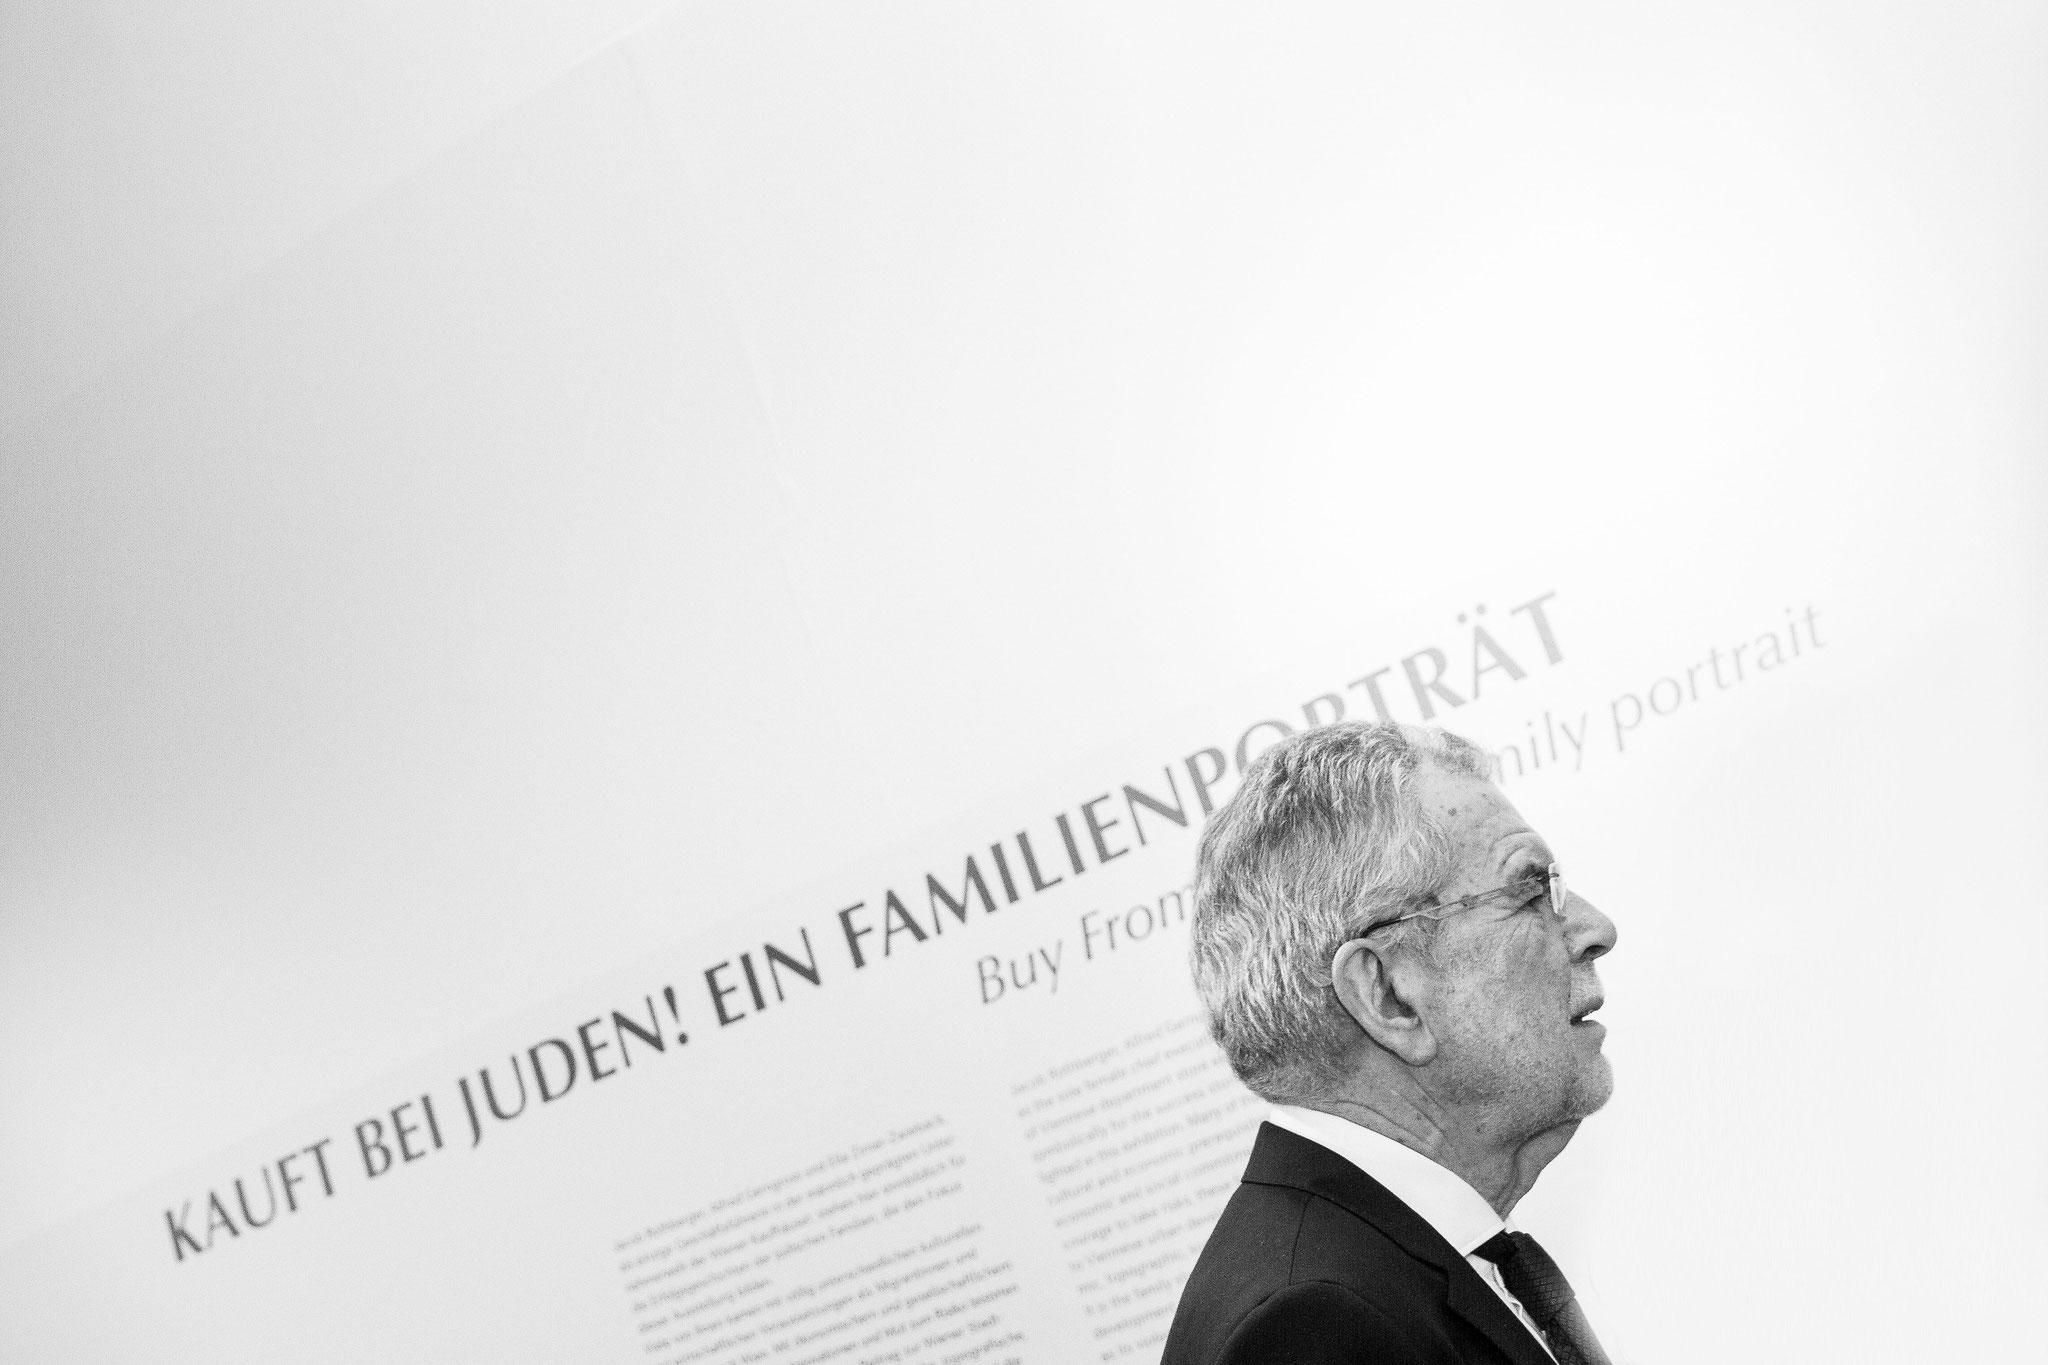 Bundespräsident Van der Bellen